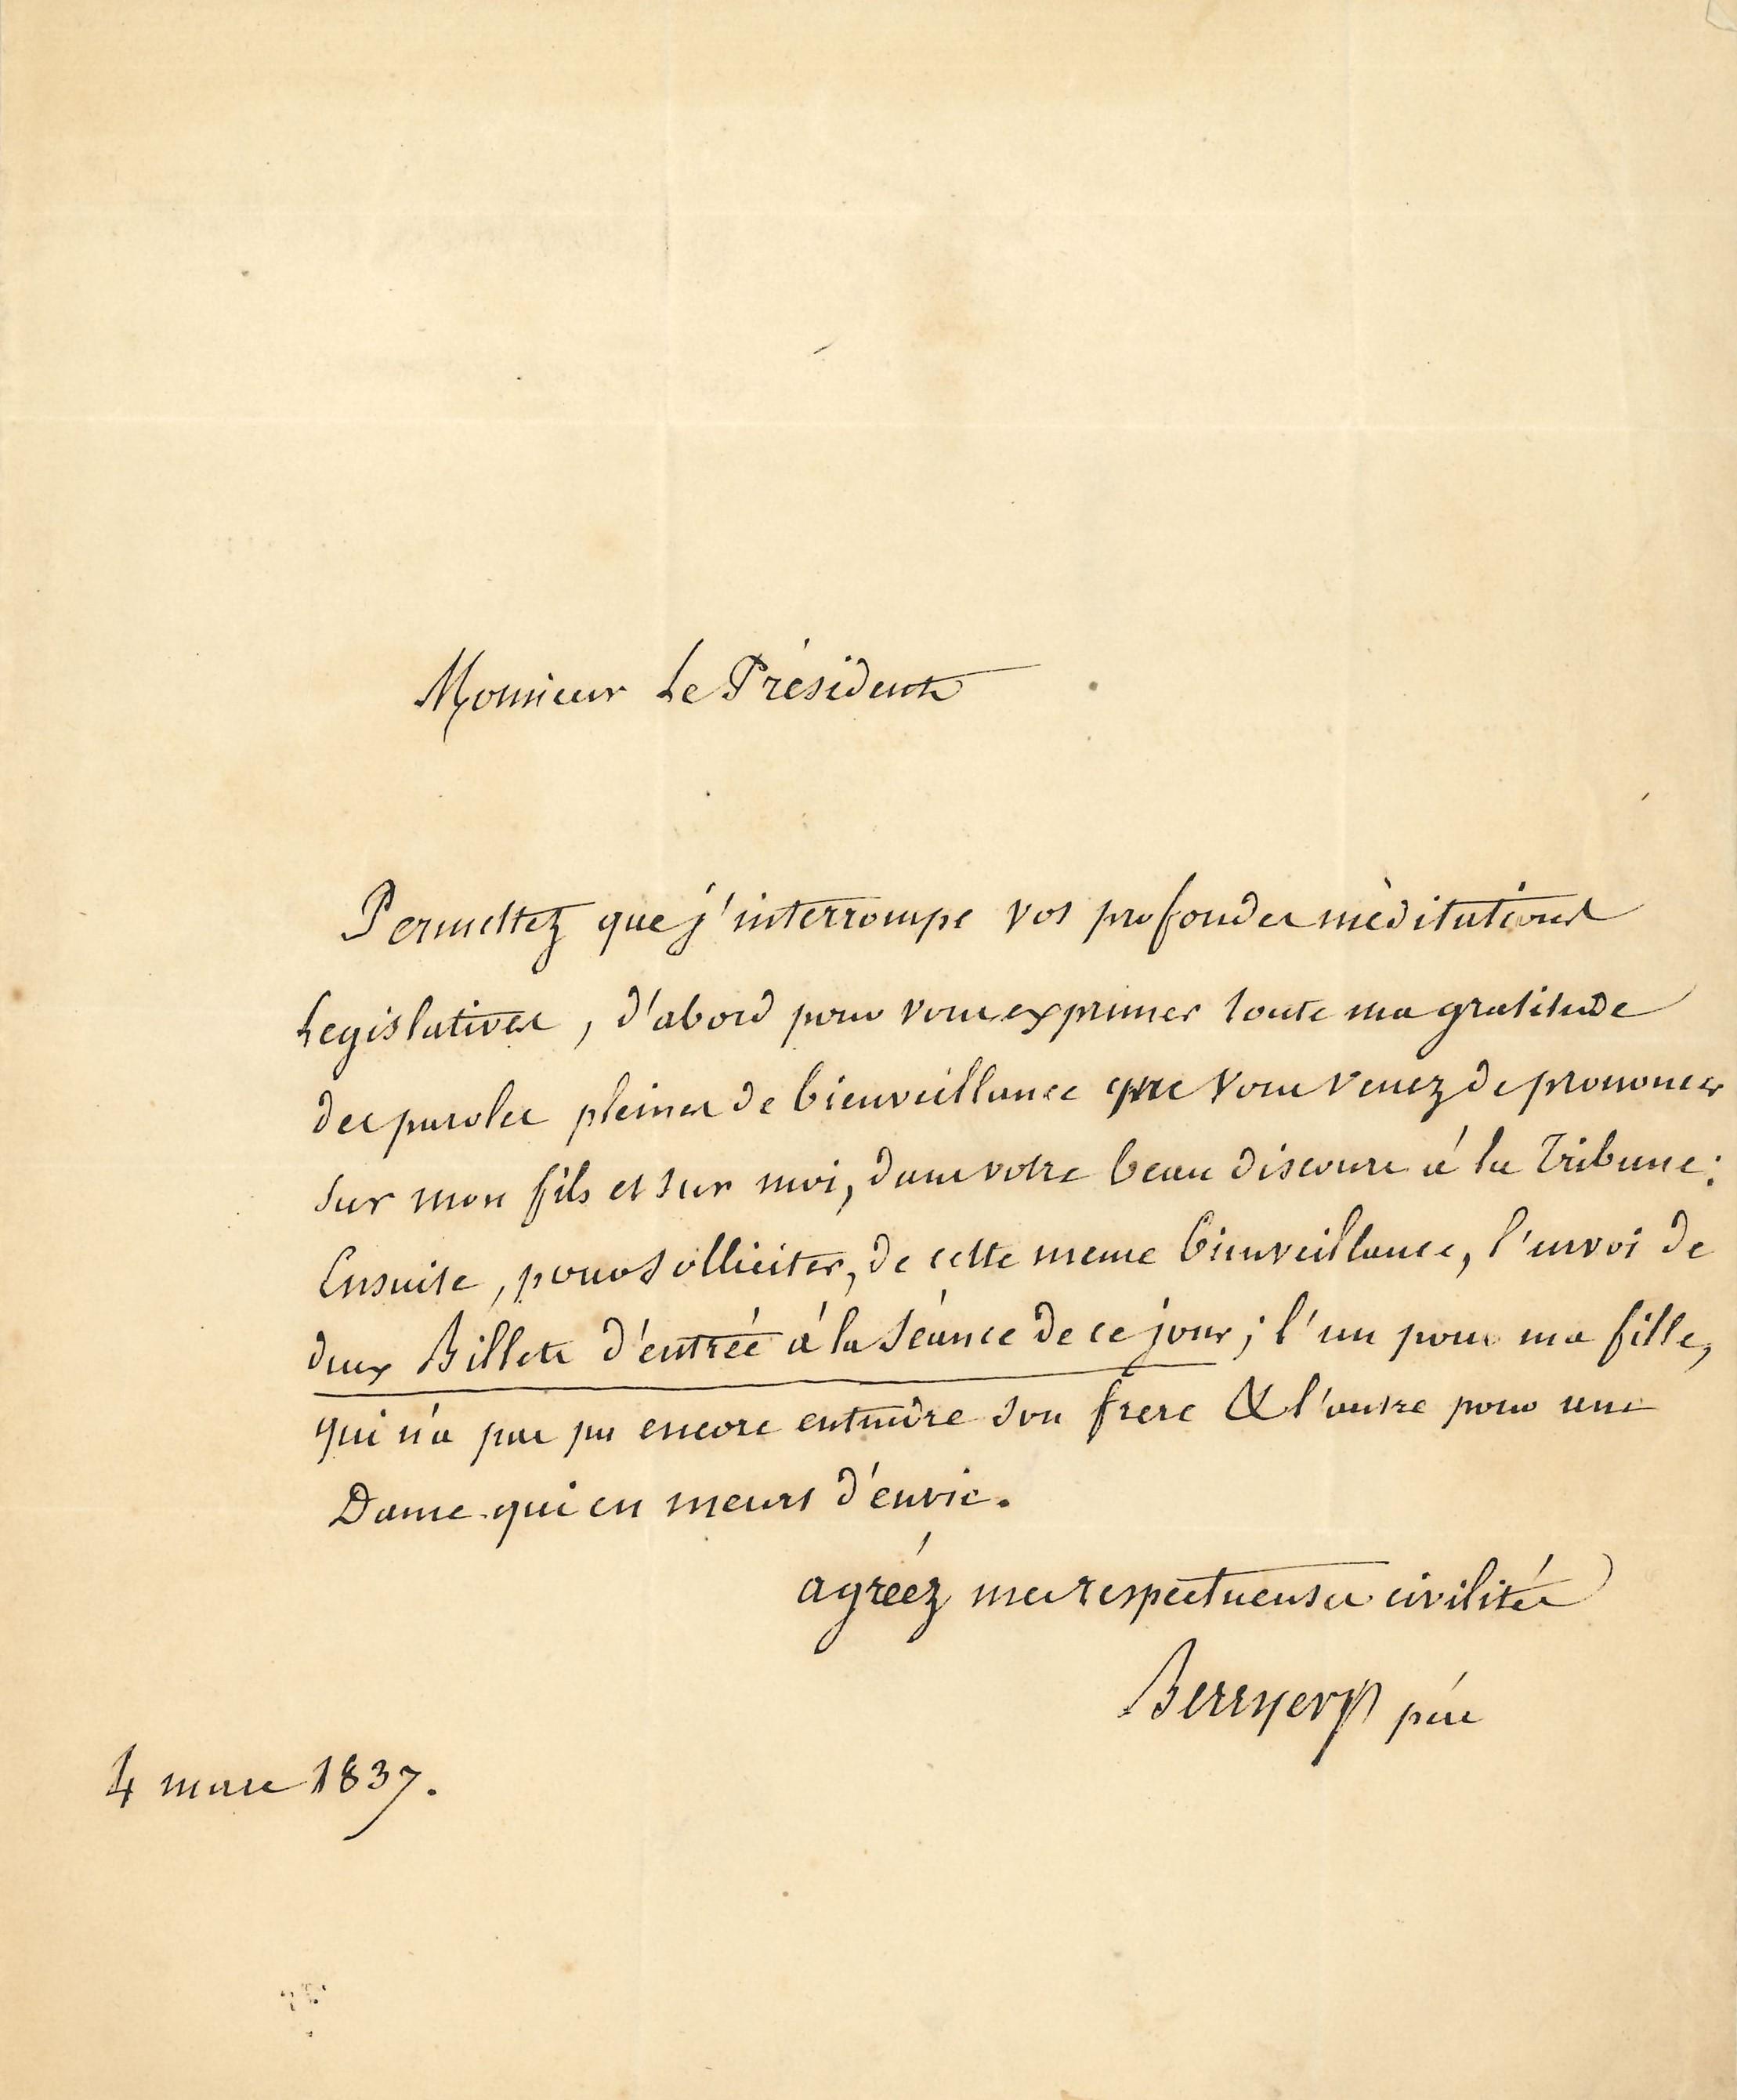 026 Nicolas BERRYER (1757-1841) avocat, défenseur du maréchal Ney, père du grand orateur Image